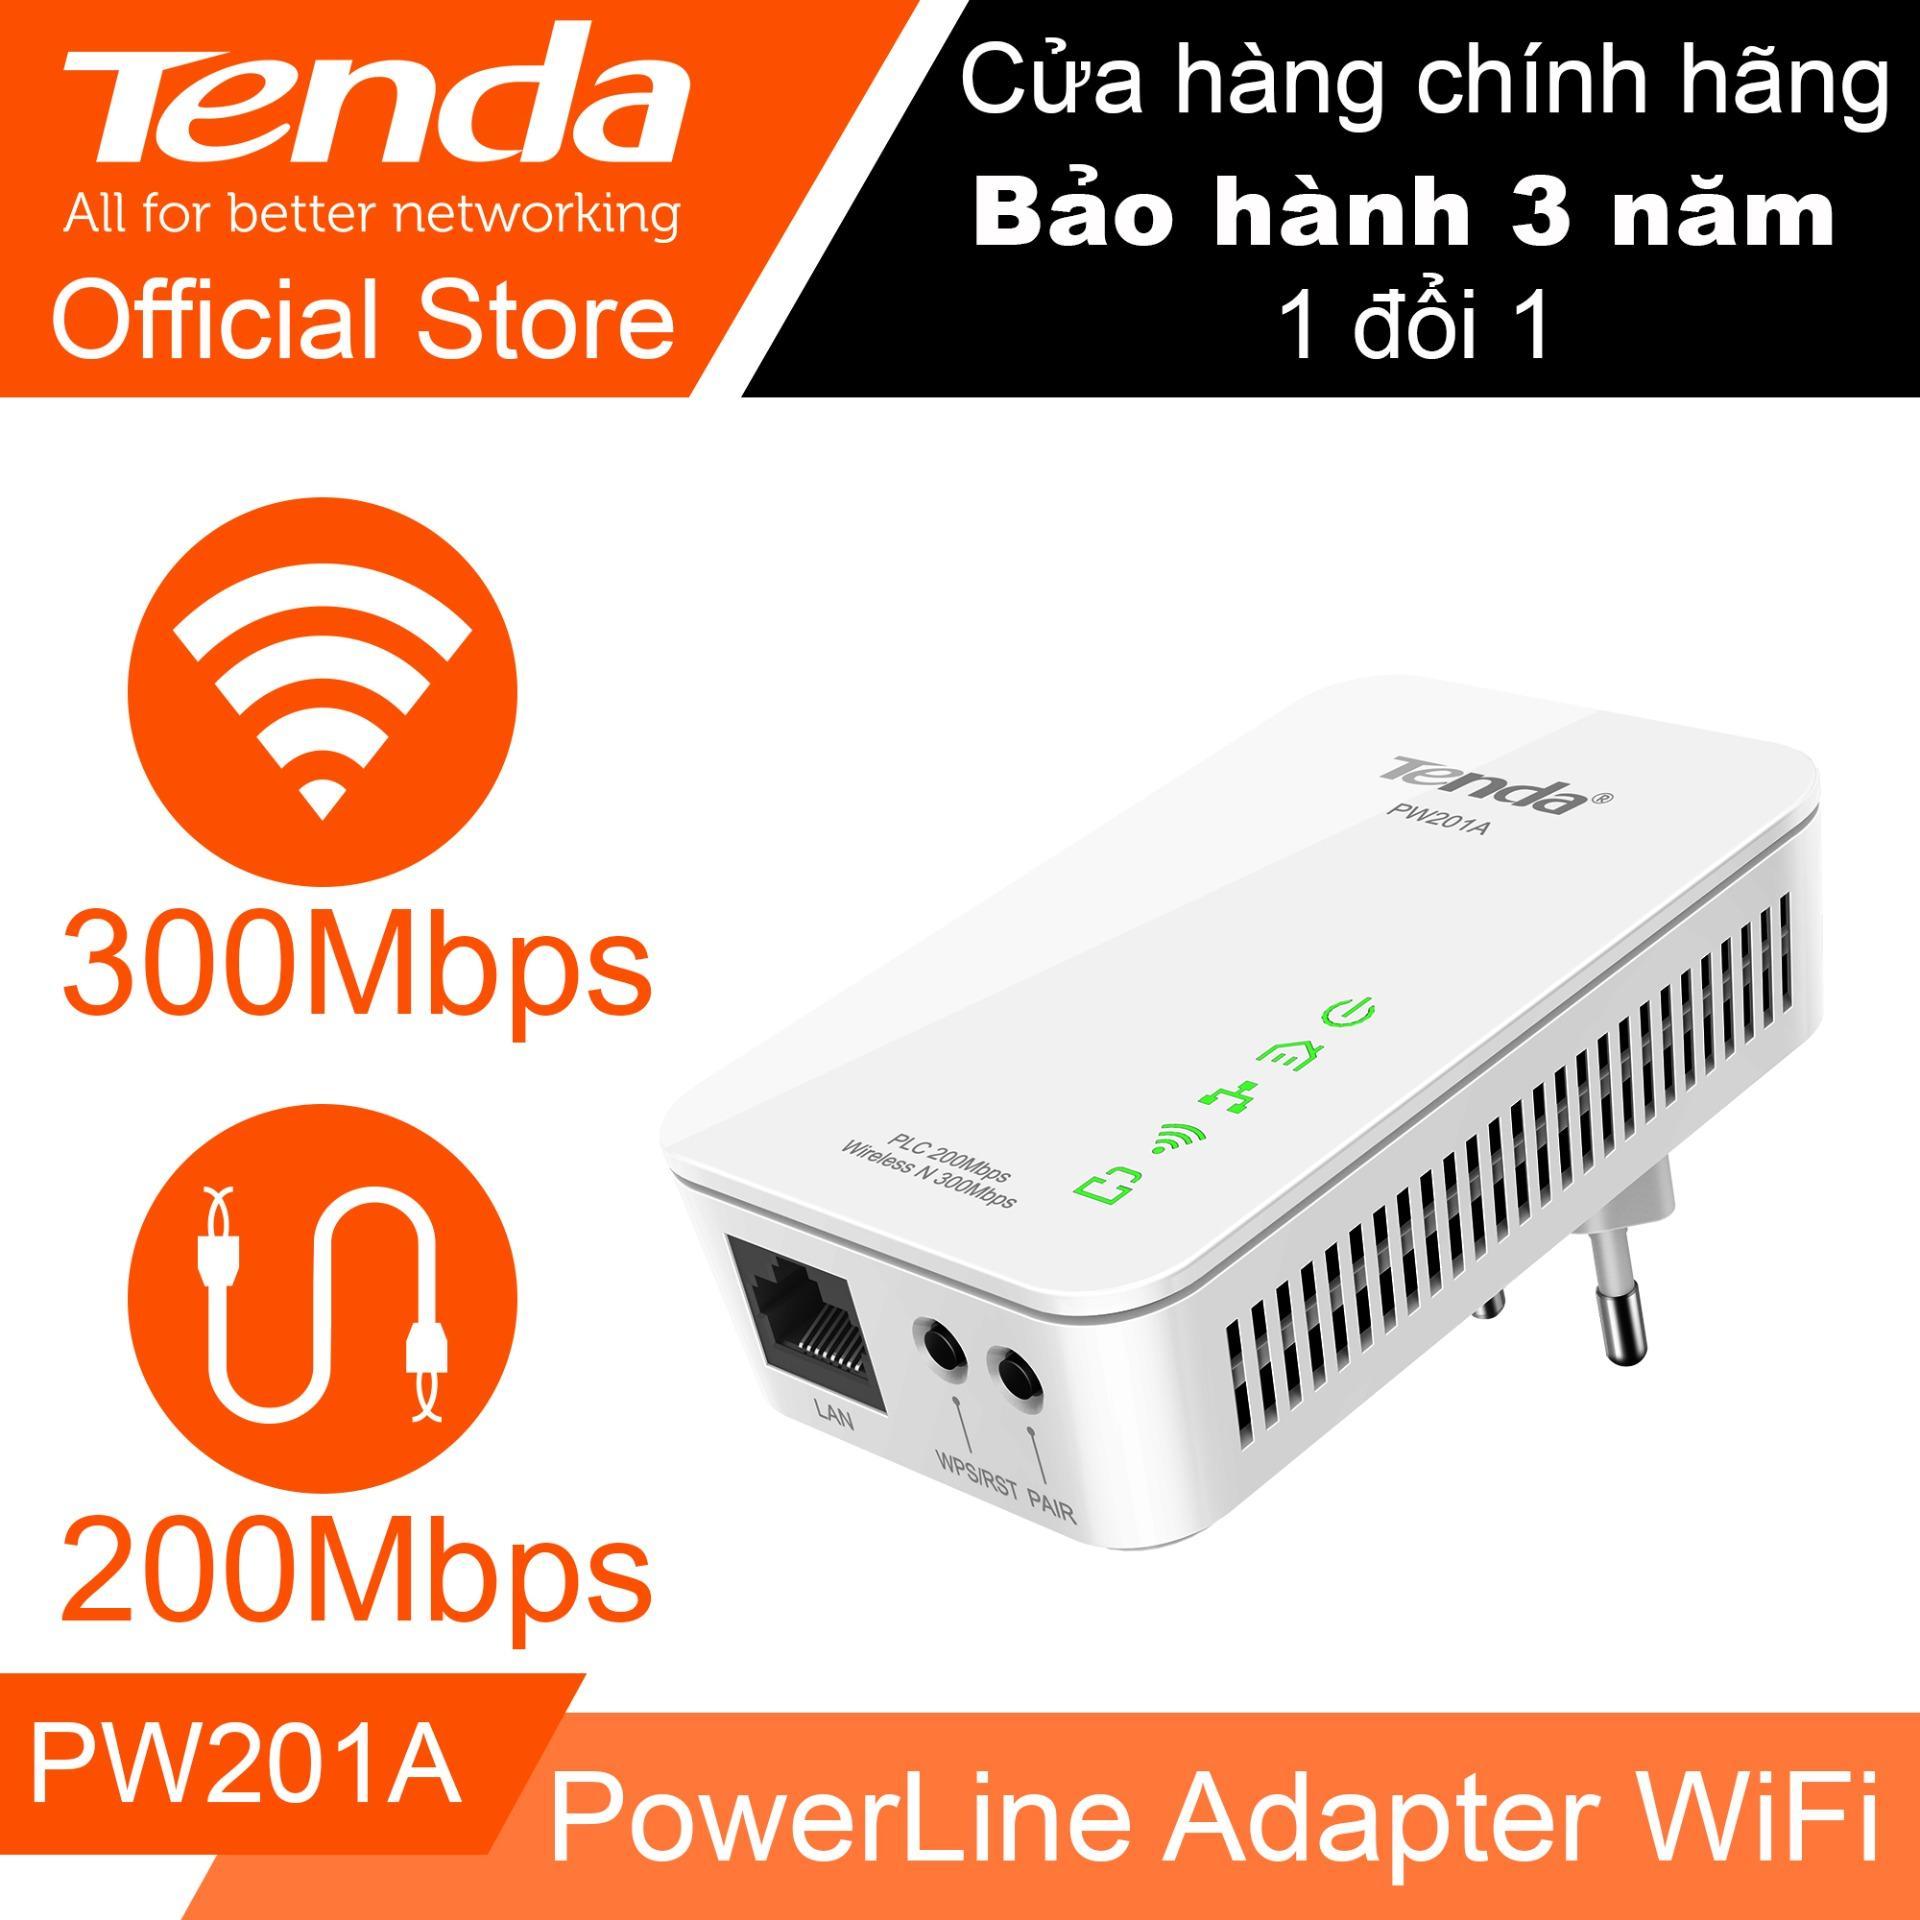 Mua Bộ KIT mở rộng Internet bằng đường điện tốc độ 300Mbps TENDA PW201A – Hãng Phân phối chính thức ở đâu tốt?